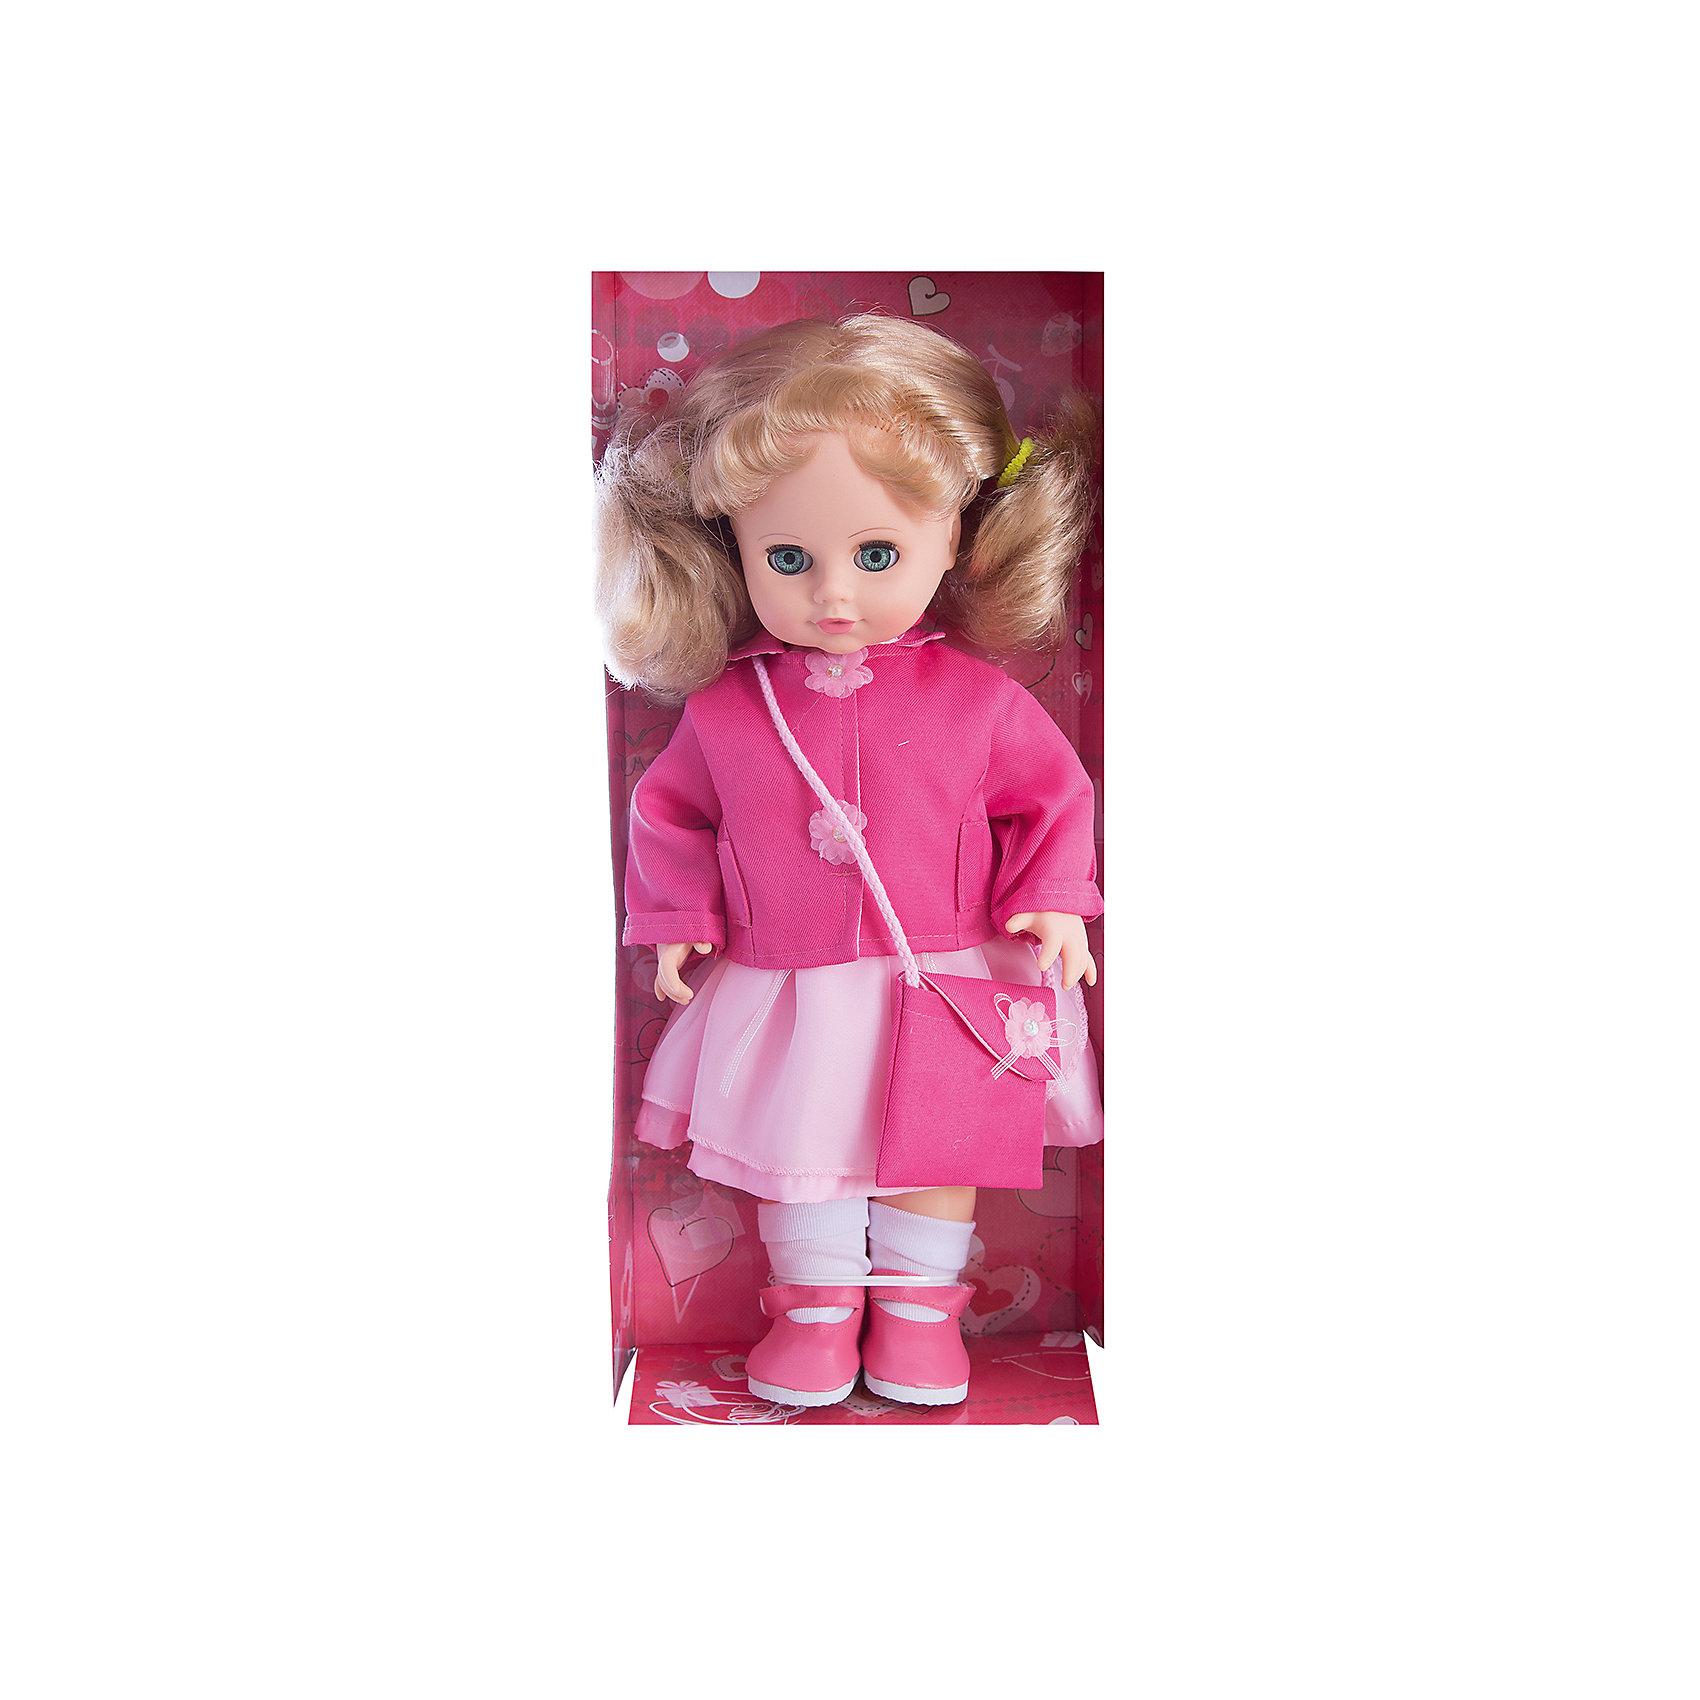 Кукла Инна 23, со звуком, 43 см, ВеснаИнтерактивные куклы<br>Кукла Инна 23 со звуком от марки Весна<br><br>Красивая и качественная кукла от отечественного производителя способна не просто помочь ребенку весело проводить время, но и научить девочку одеваться по сезону. На ней - красивая одежда, сумочка и ботинки, всё можно снимать и надевать.<br>Кукла произносит несколько фраз, механизм работает от батареек, которые идут в комплекте. Сделана игрушка из качественных и безопасных для ребенка материалов.<br><br>Отличительные особенности куклы:<br><br>- материал: пластмасса;<br>- волосы: прошивные;<br>- звуковой модуль;<br>- голова поворачивается;<br>- руки и ноги гнутся;<br>- снимающаяся одежда и обувь;<br>- закрывающиеся глаза;<br>- высота: 43 см.<br><br>Комплектация:<br><br>- одежда;<br>- три батарейки СЦ 357.<br><br>Куклу Инна 23 со звуком от марки Весна можно купить в нашем магазине.<br><br>Ширина мм: 210<br>Глубина мм: 130<br>Высота мм: 430<br>Вес г: 550<br>Возраст от месяцев: 36<br>Возраст до месяцев: 120<br>Пол: Женский<br>Возраст: Детский<br>SKU: 4650459